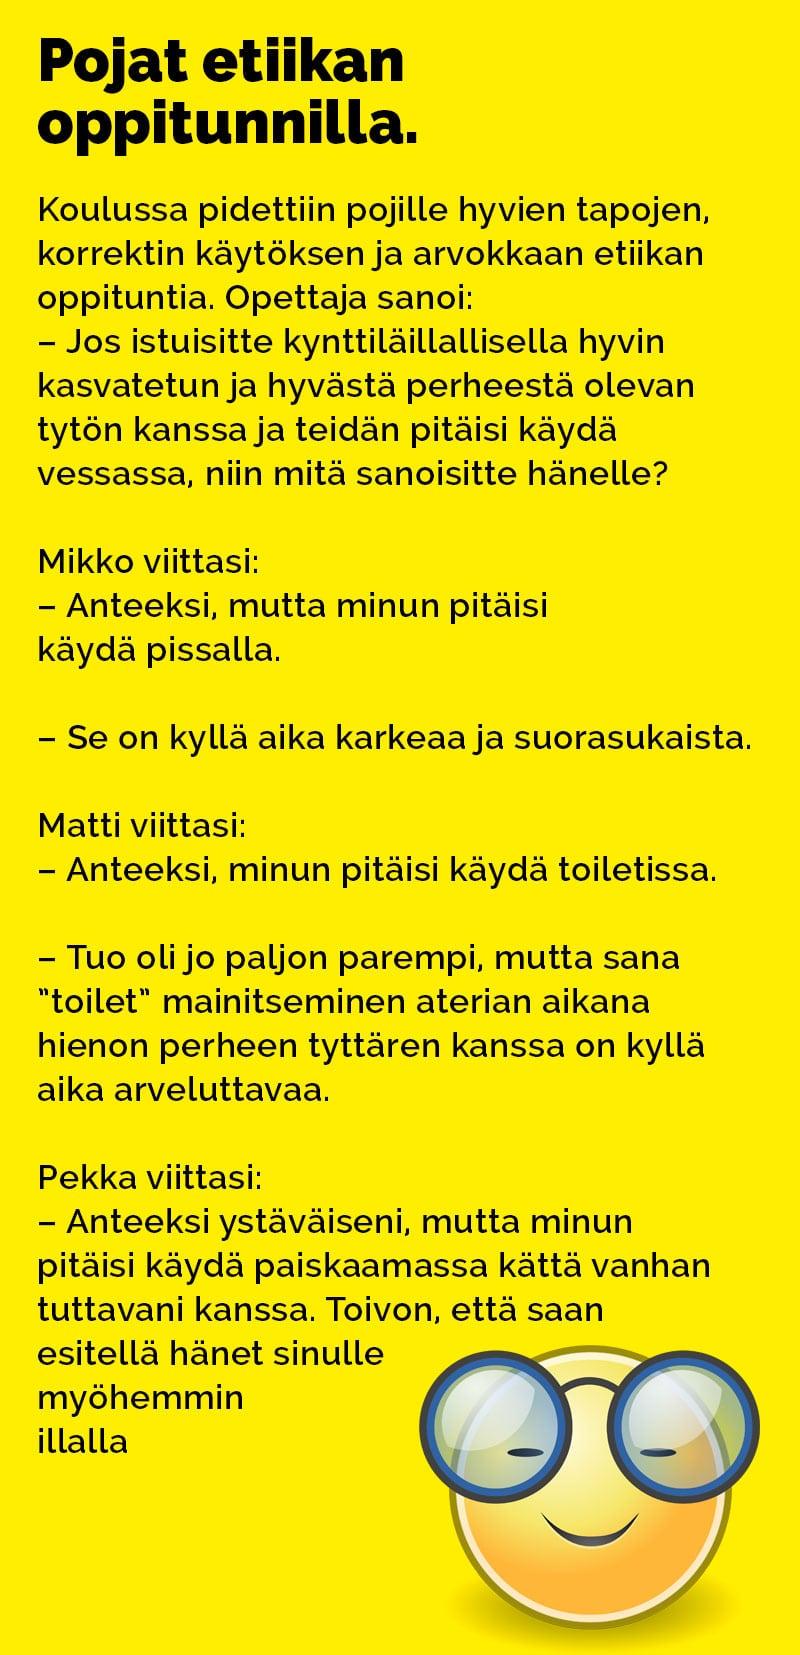 pojat_etiikan_oppitunnilla_2